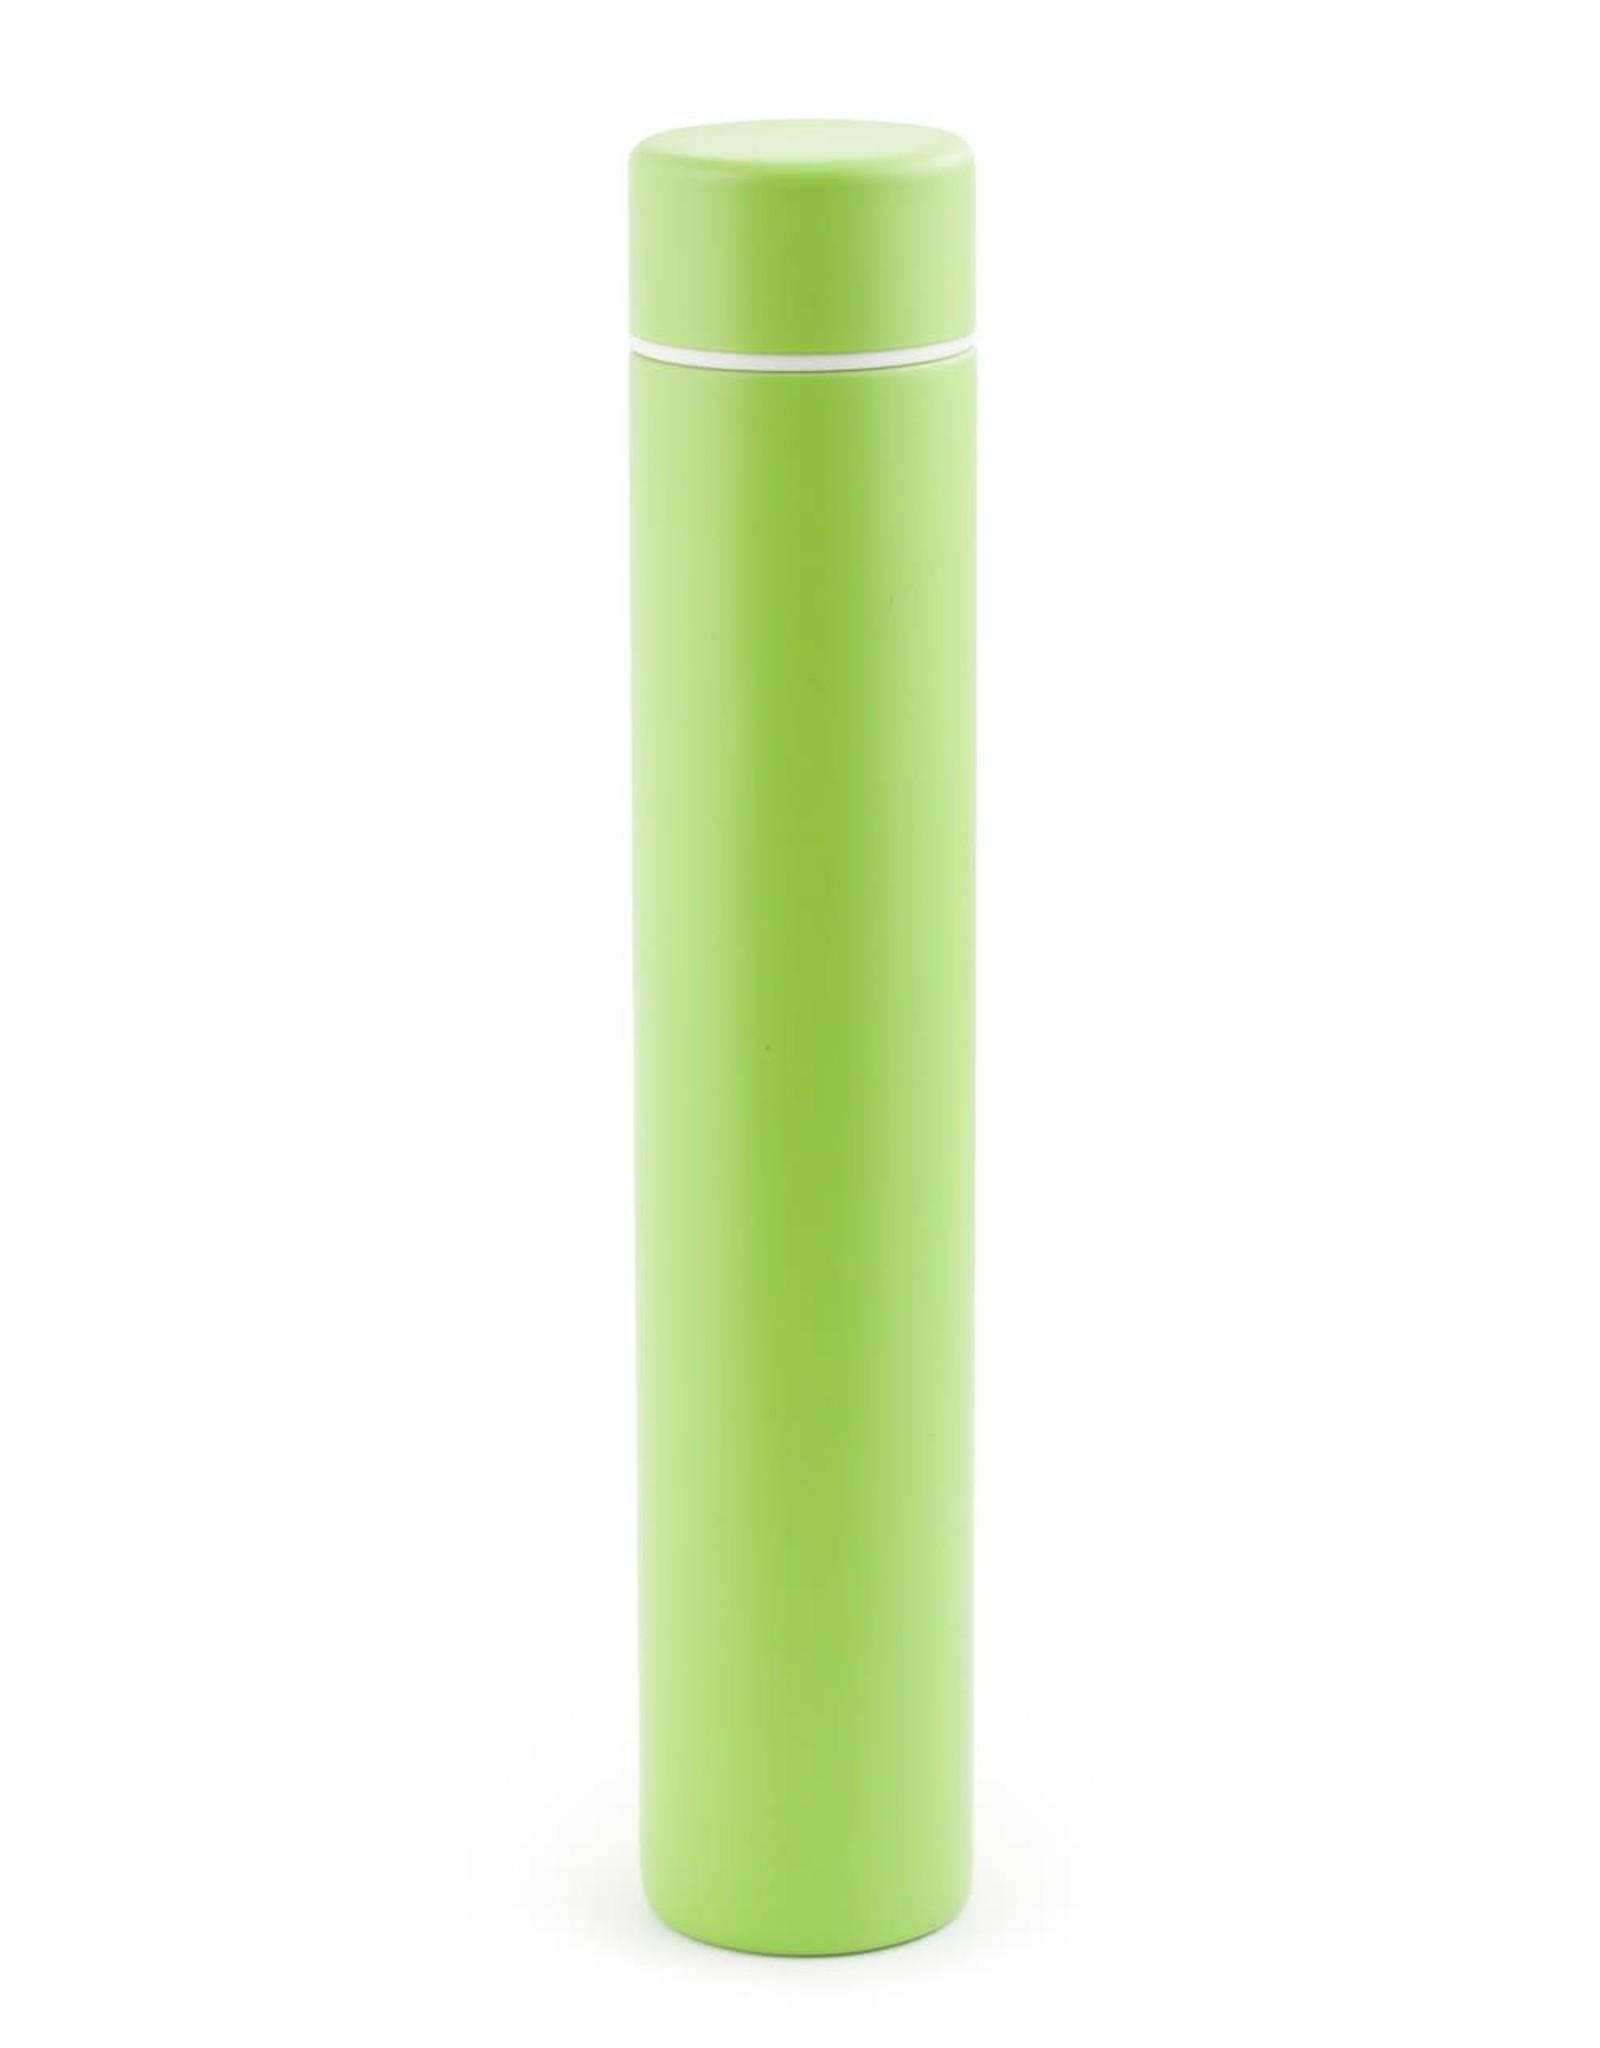 Kikkerland Slim bottle green